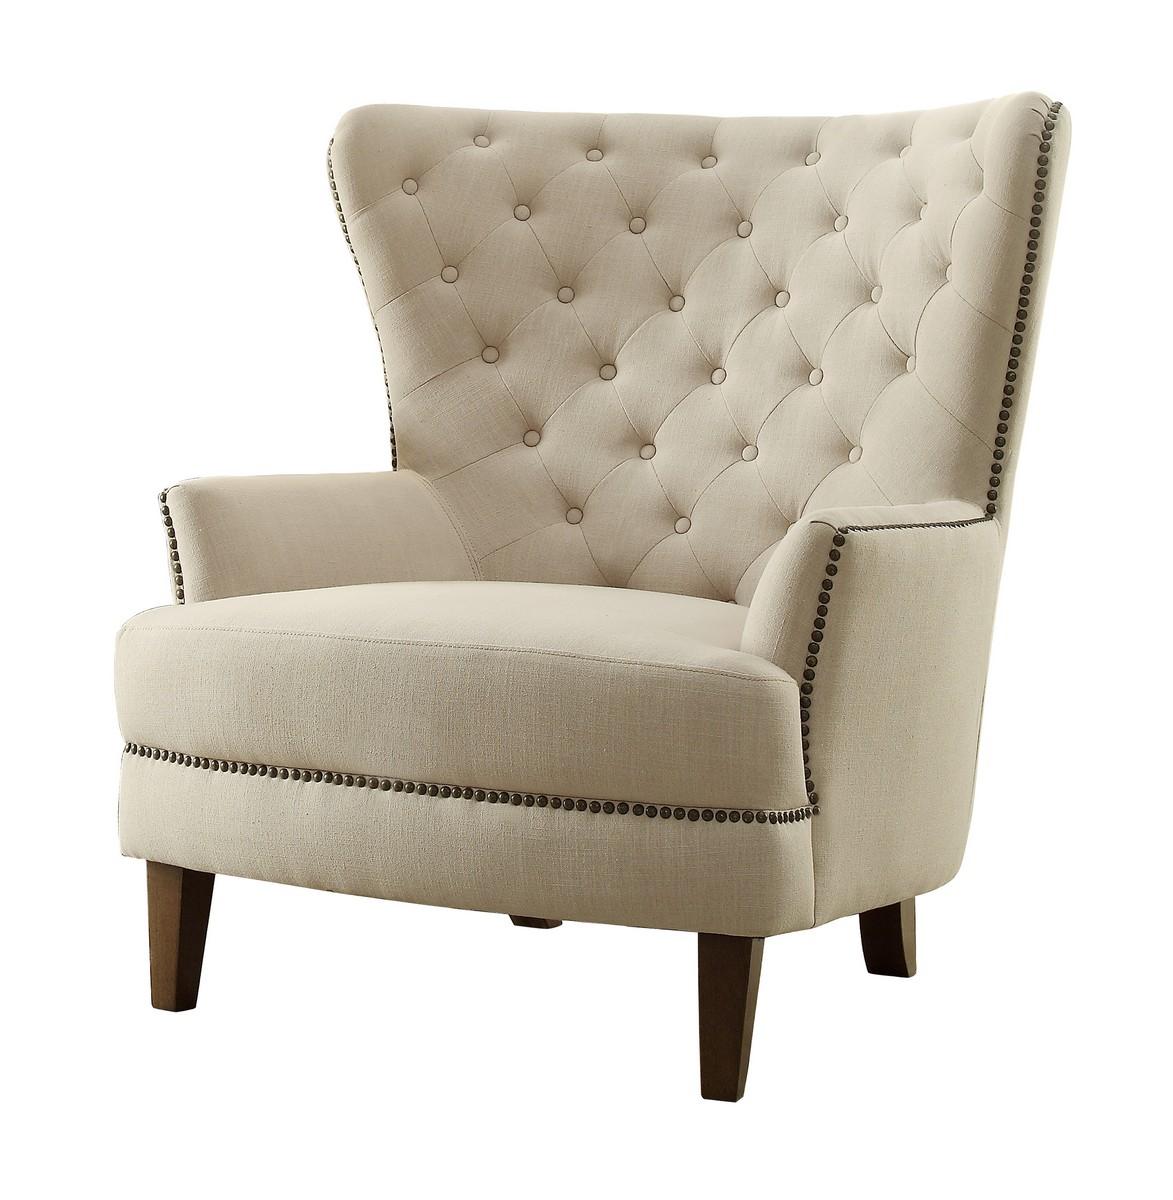 Homelegance Rhett Accent Chair Linen Natural 1266F1S